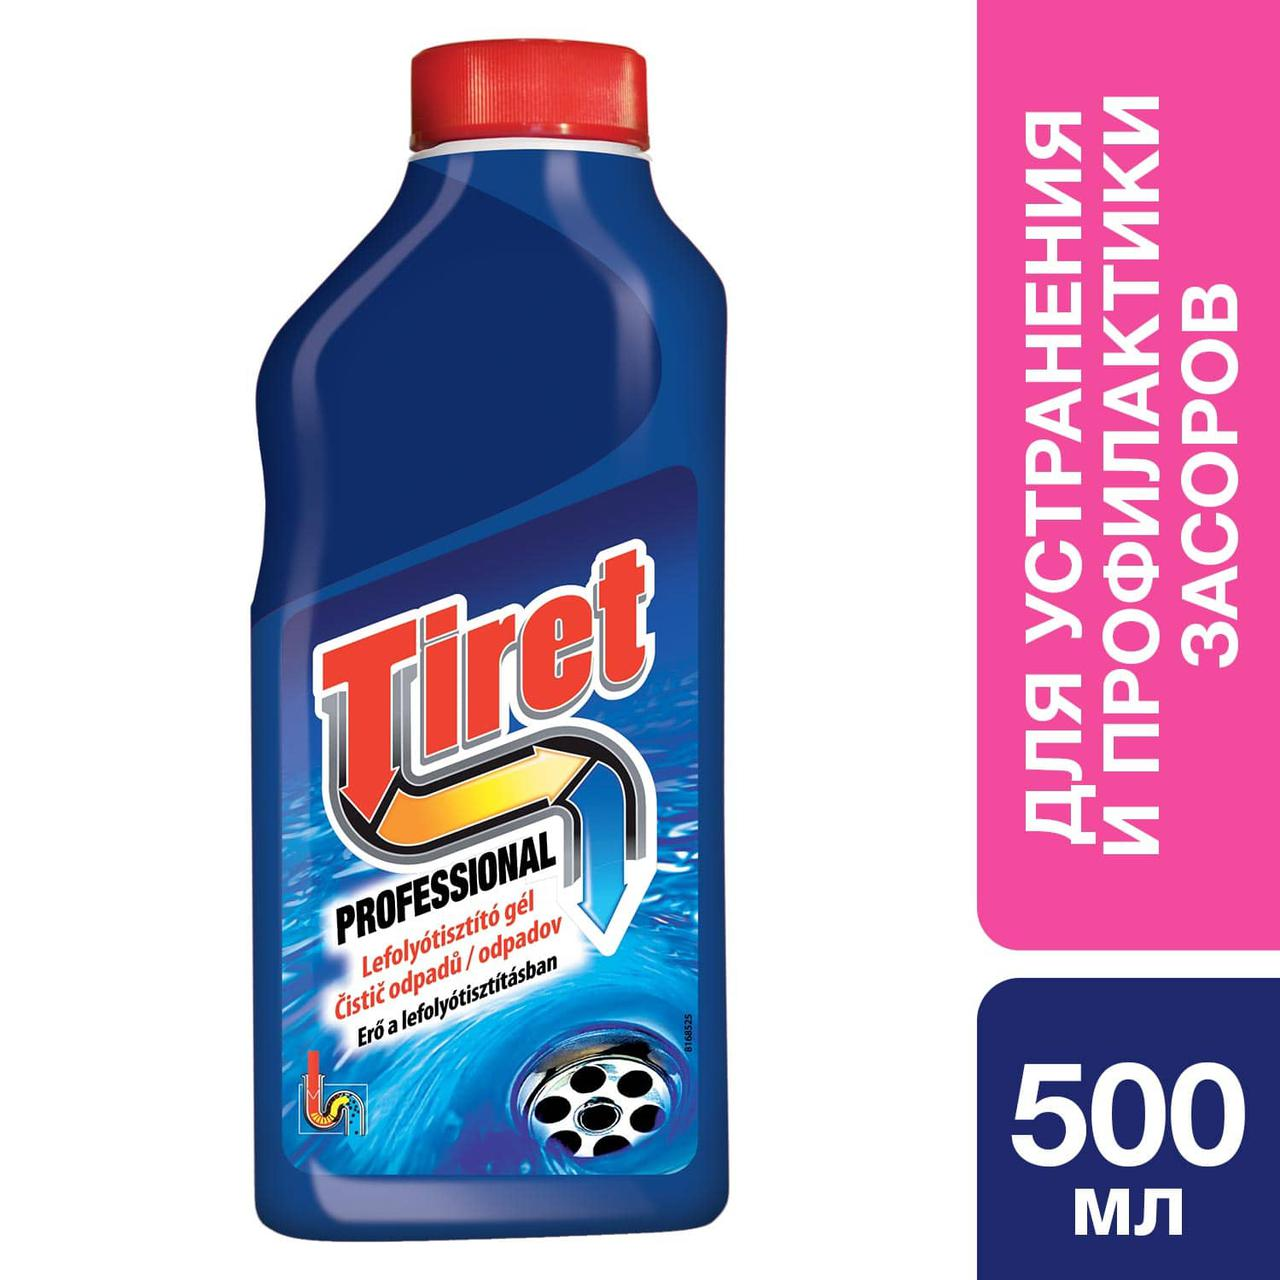 TIRET  Профессионал-гель для устранения и профилактики засоров в канализационных трубах 500 мл